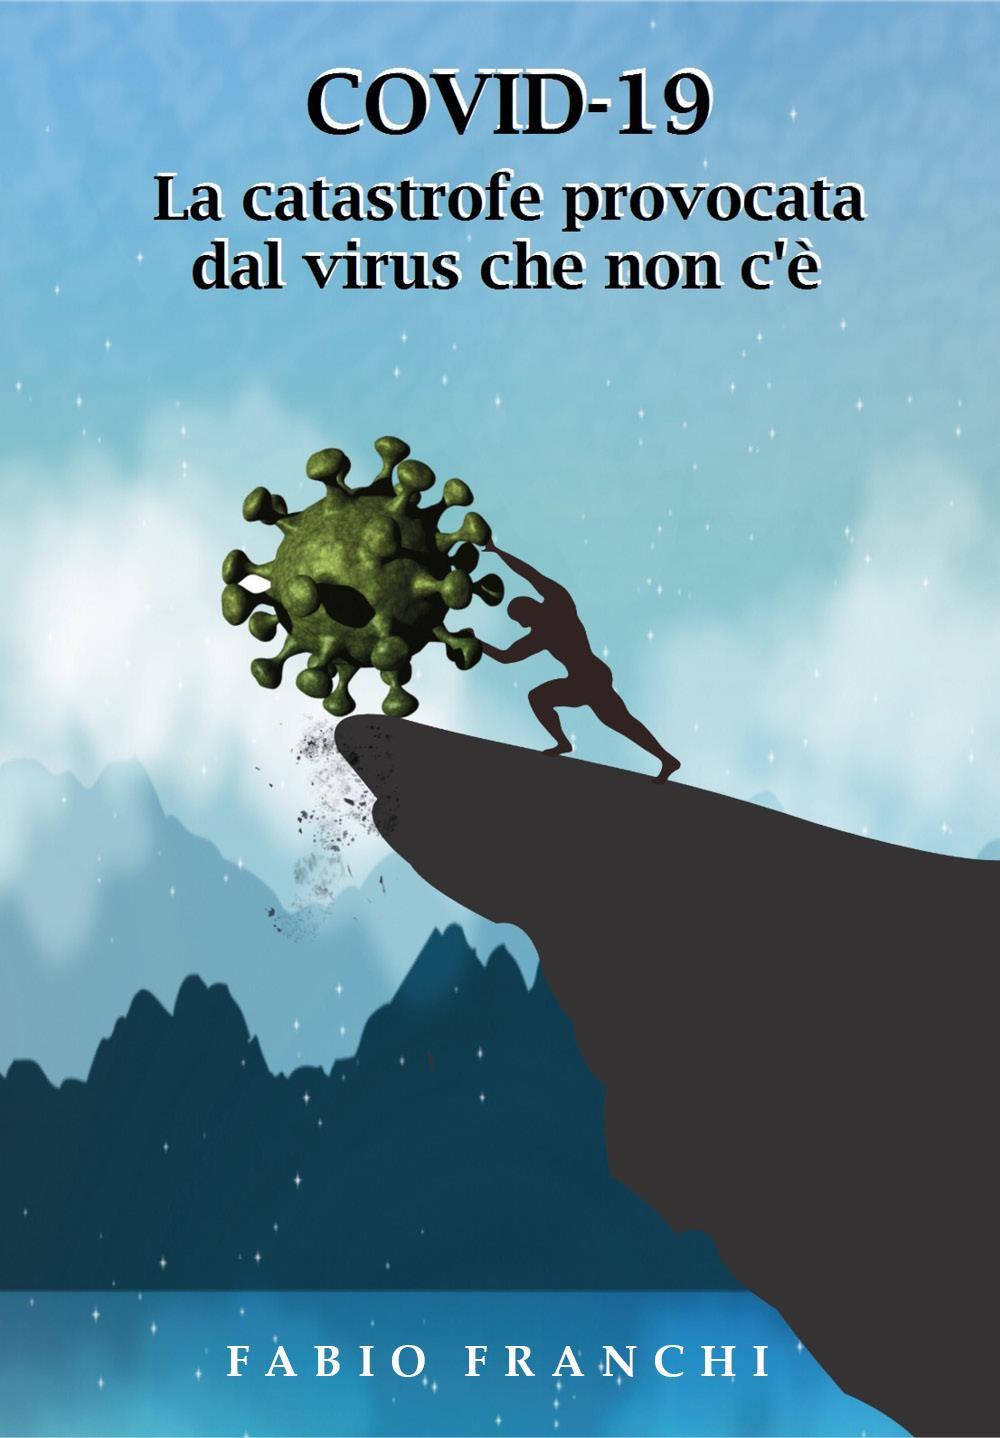 COVID-19 La catastrofe provocata dal virus che non c'è